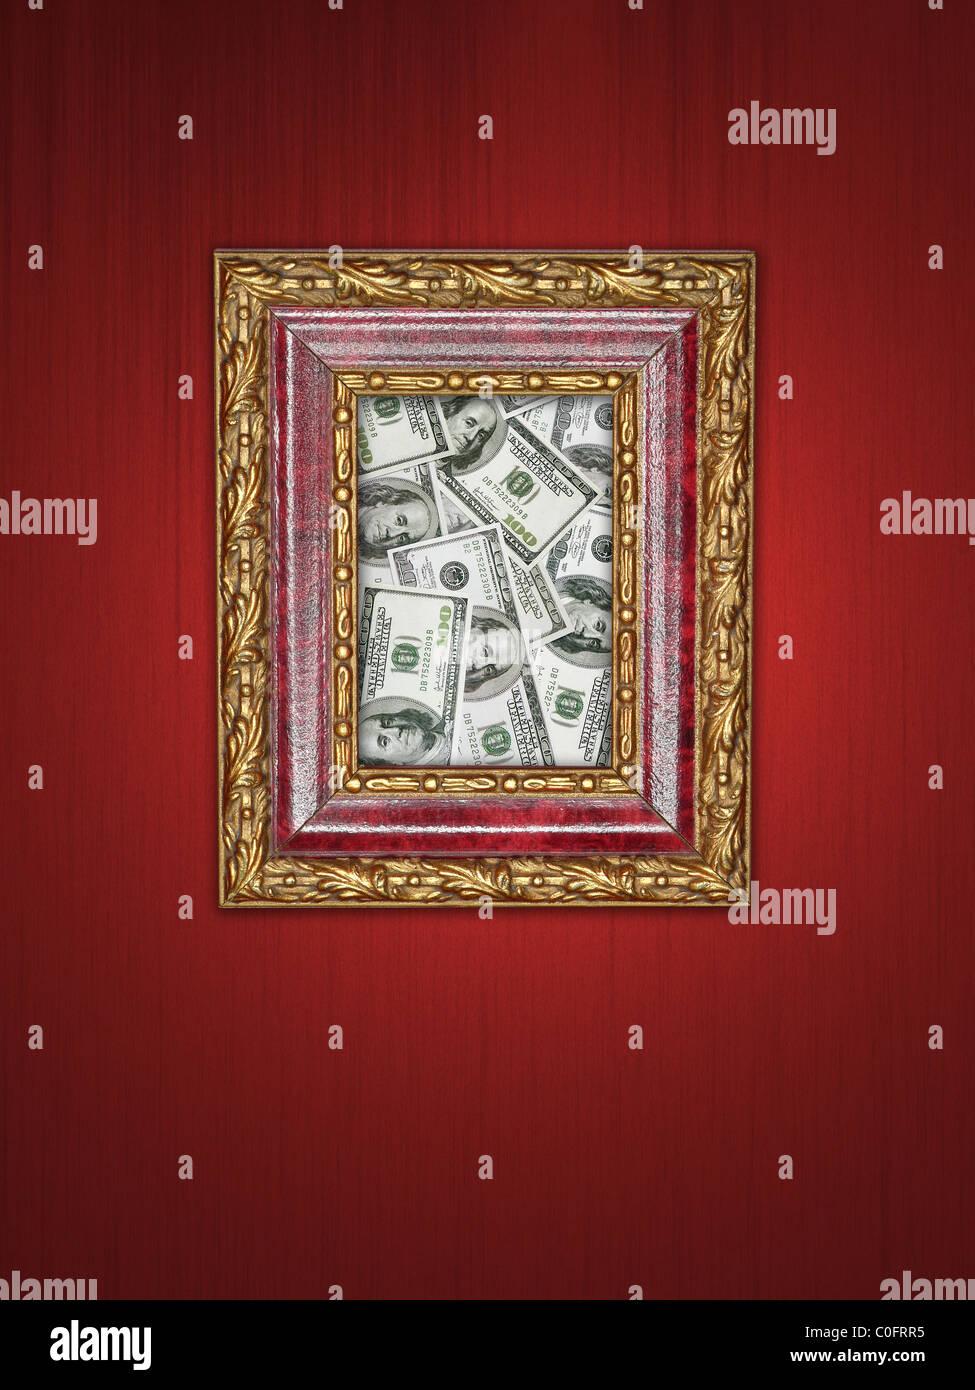 Fajo de billetes de cien dólares en el marco de imagen de madera con adornos de oro colgada en la pared púrpura Imagen De Stock